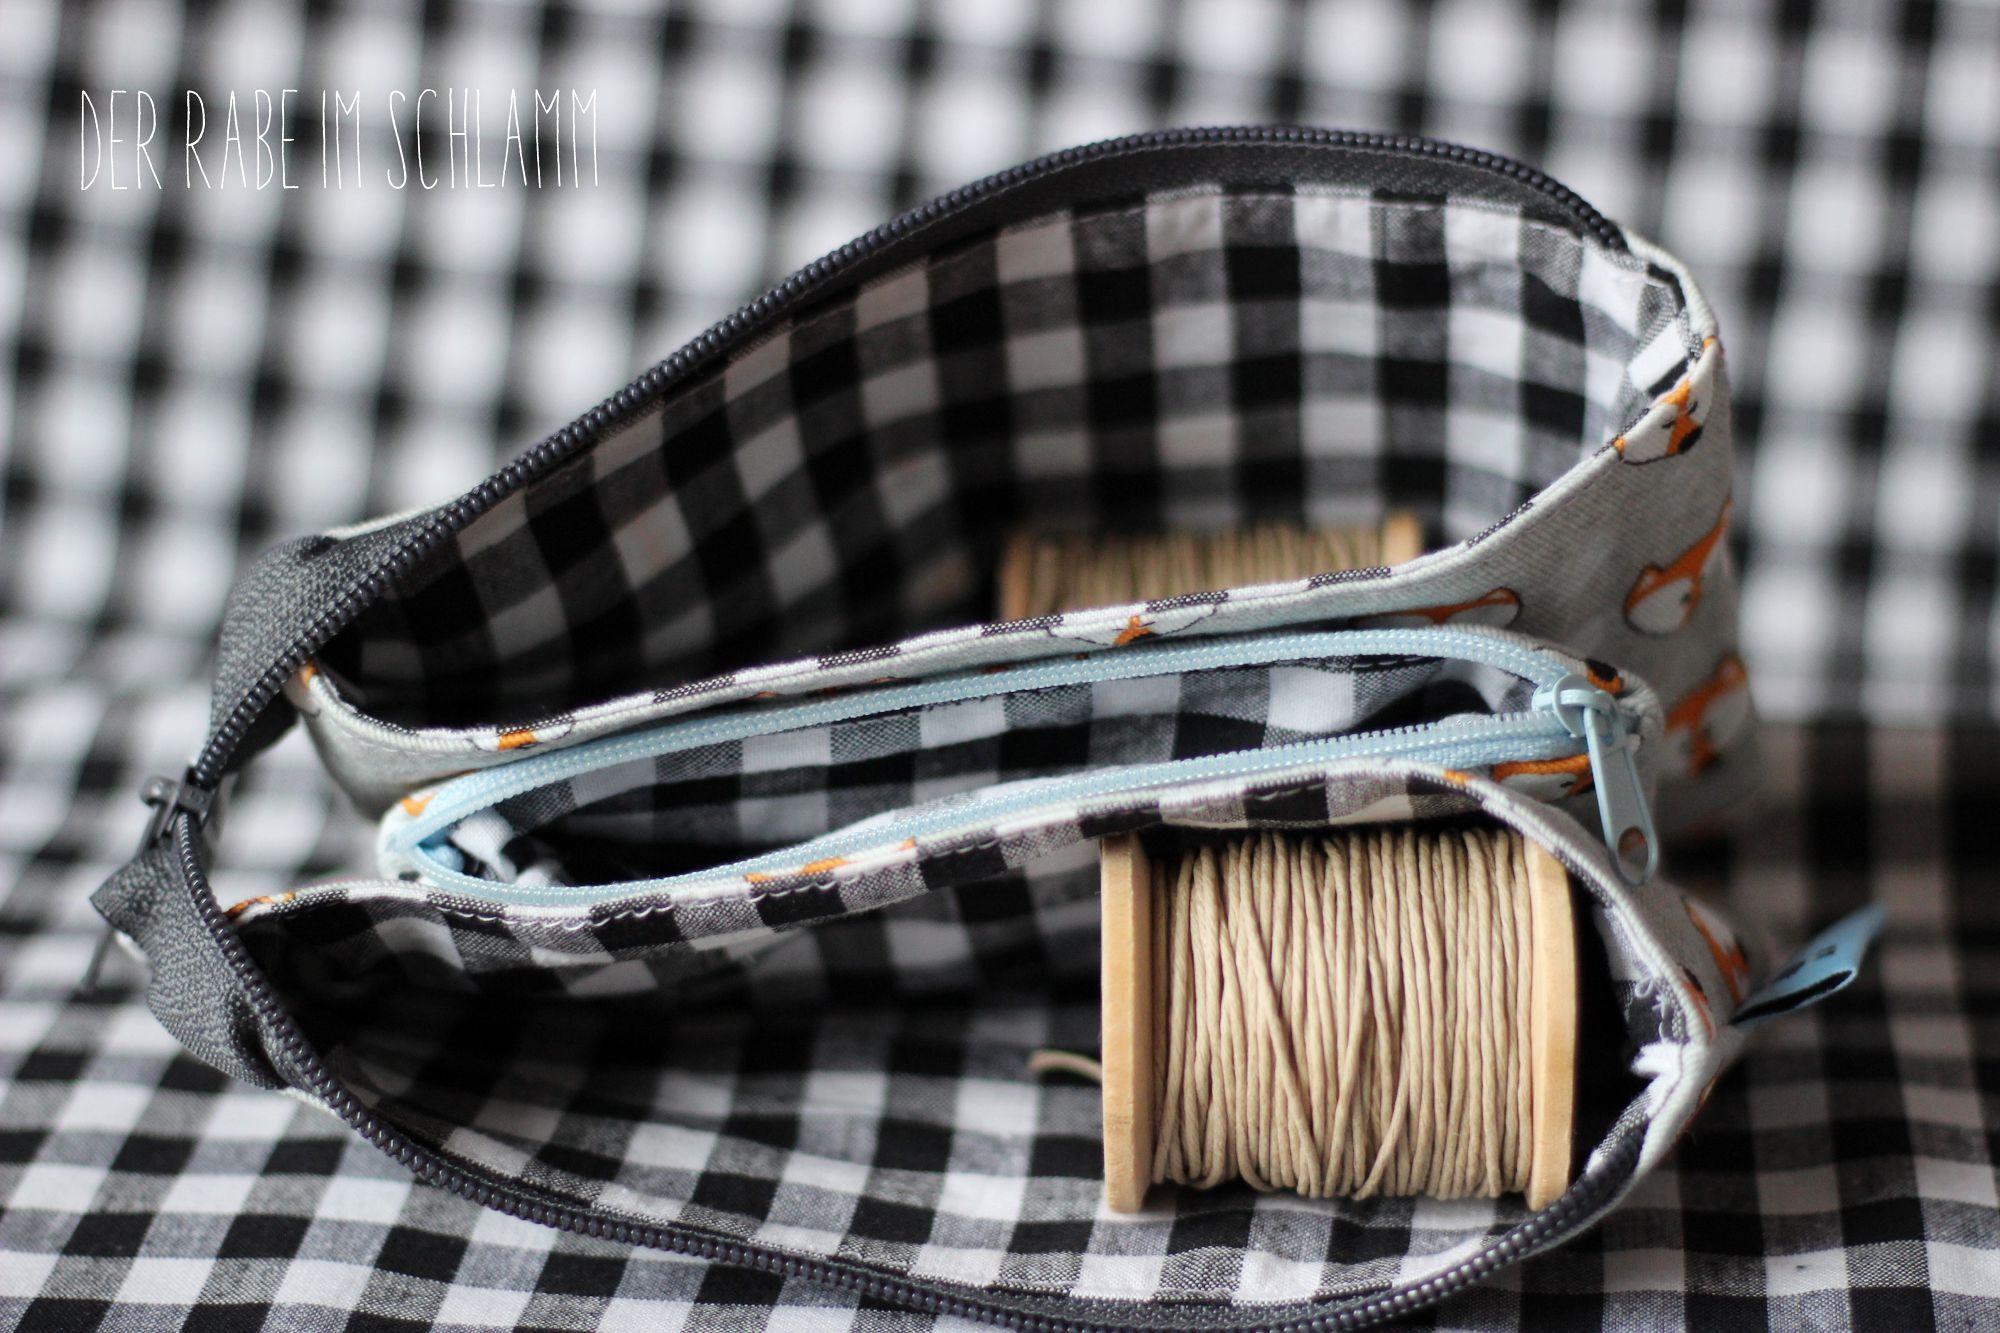 Der Rabe im Schlamm, Geldbeutel, Taschenspieler 3, farbenmix, Nähen, Taschen